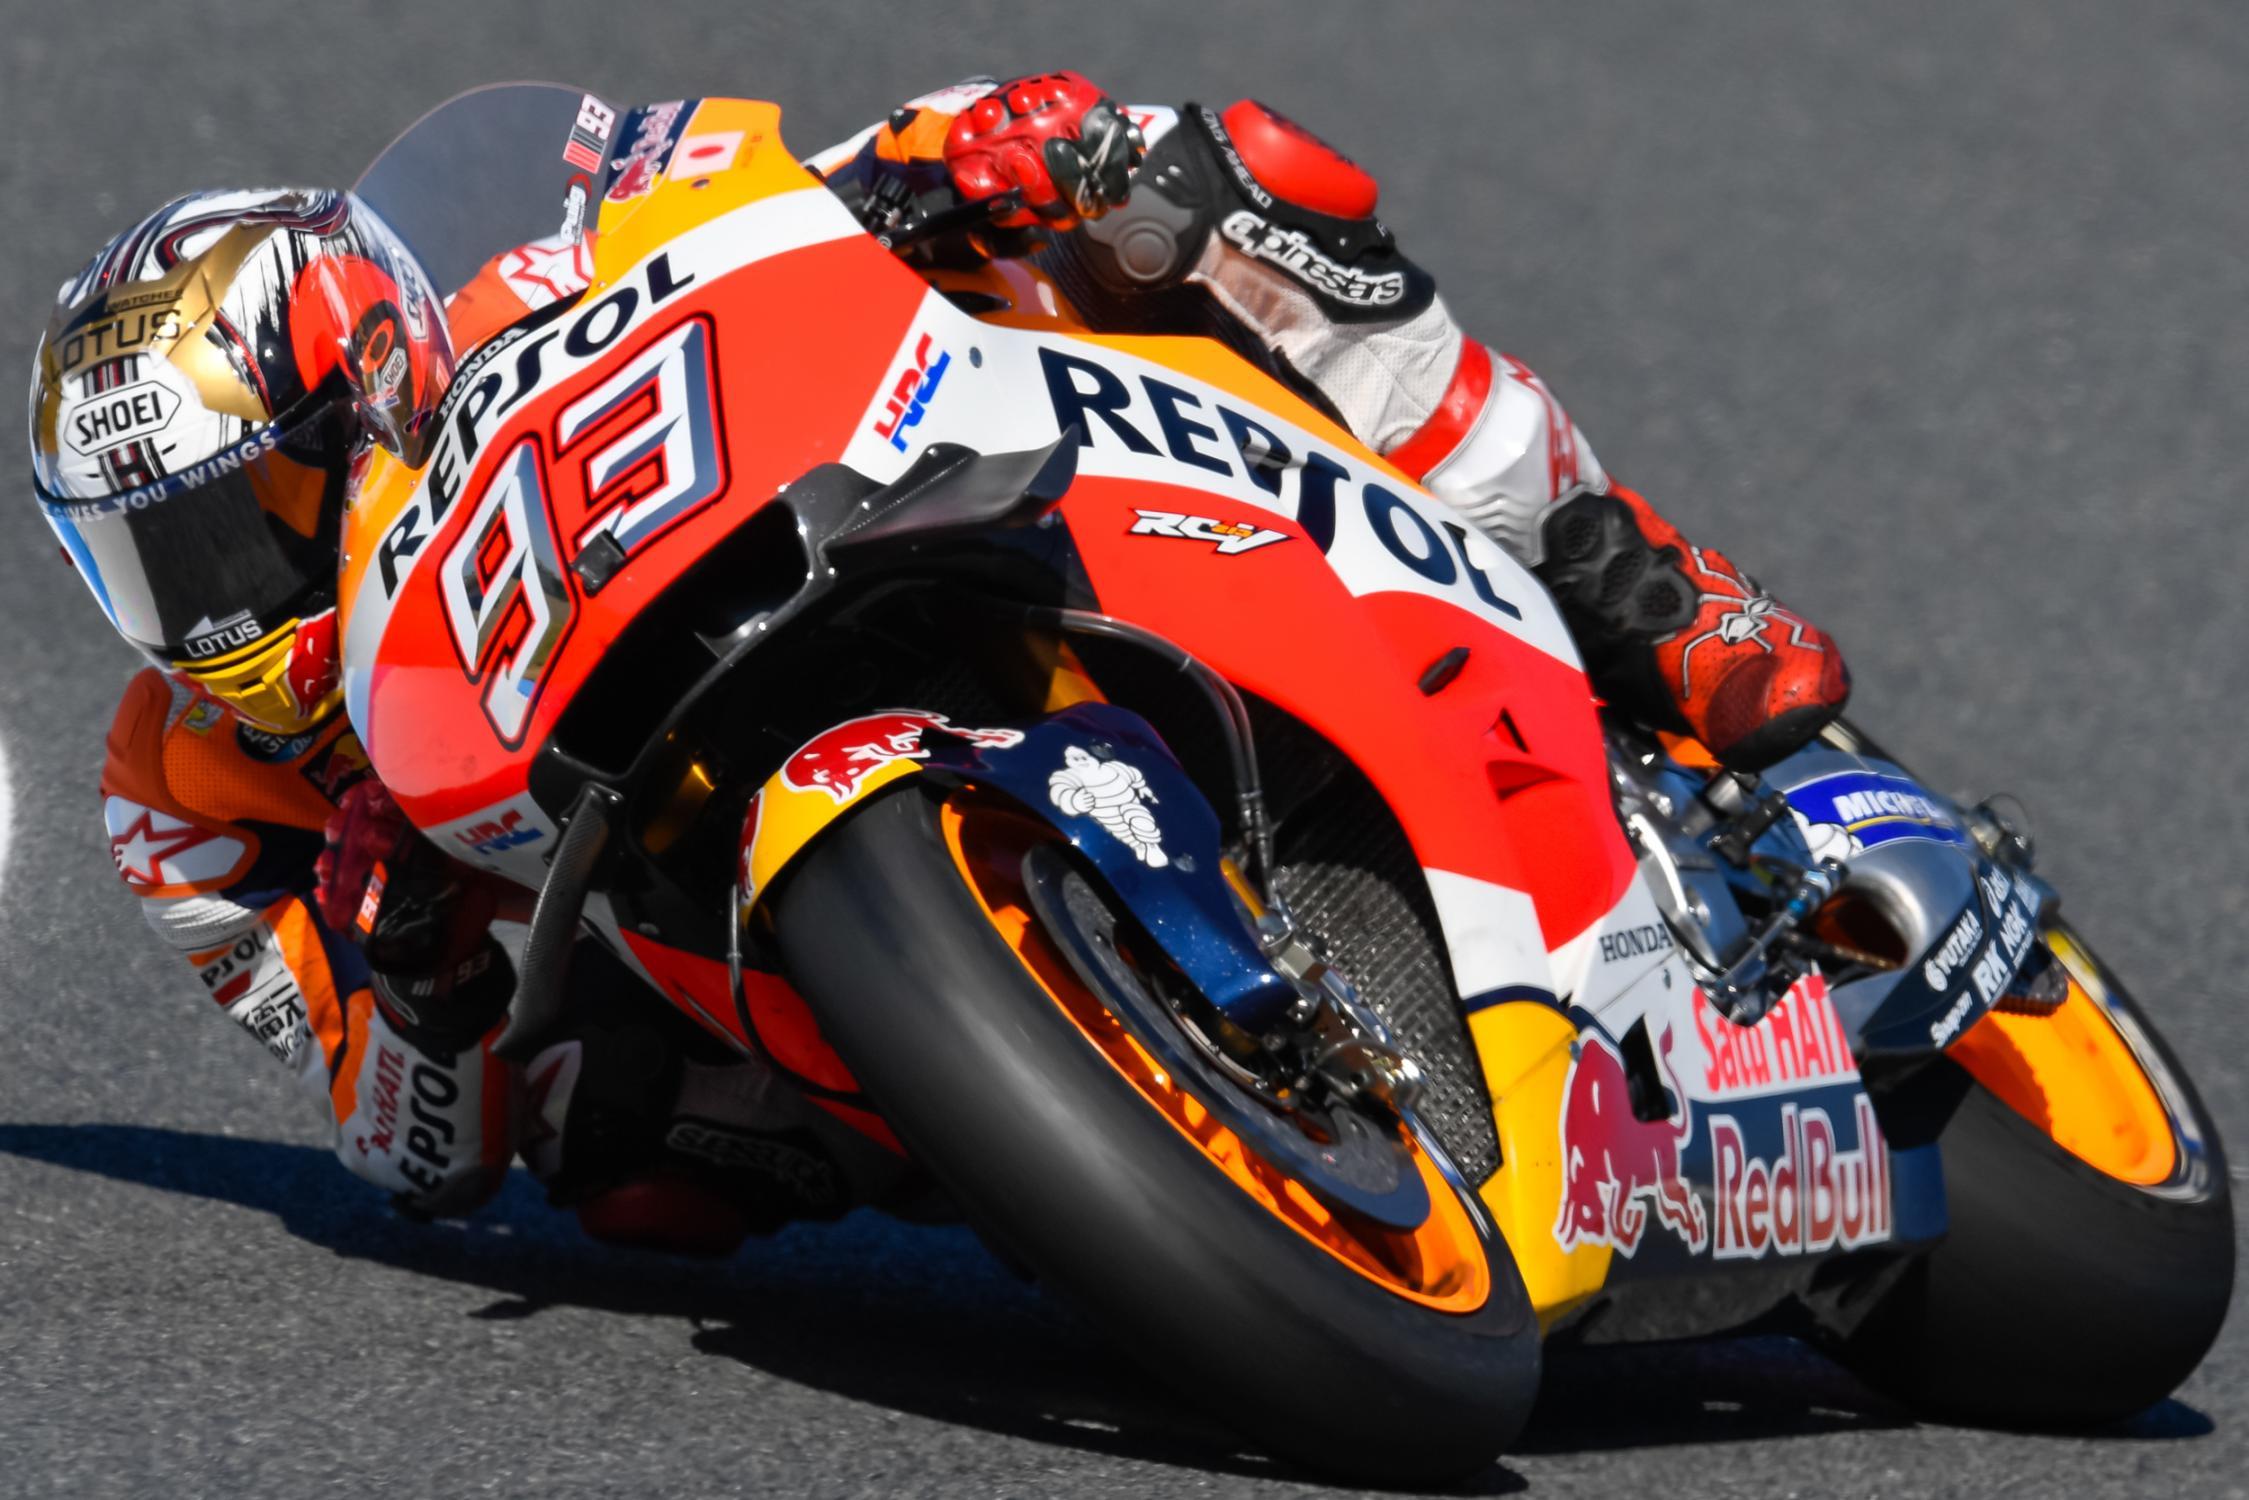 Marc Marquez, durante il vittorioso GP del Giappone di oggi (foto da: somoslamoto.com)